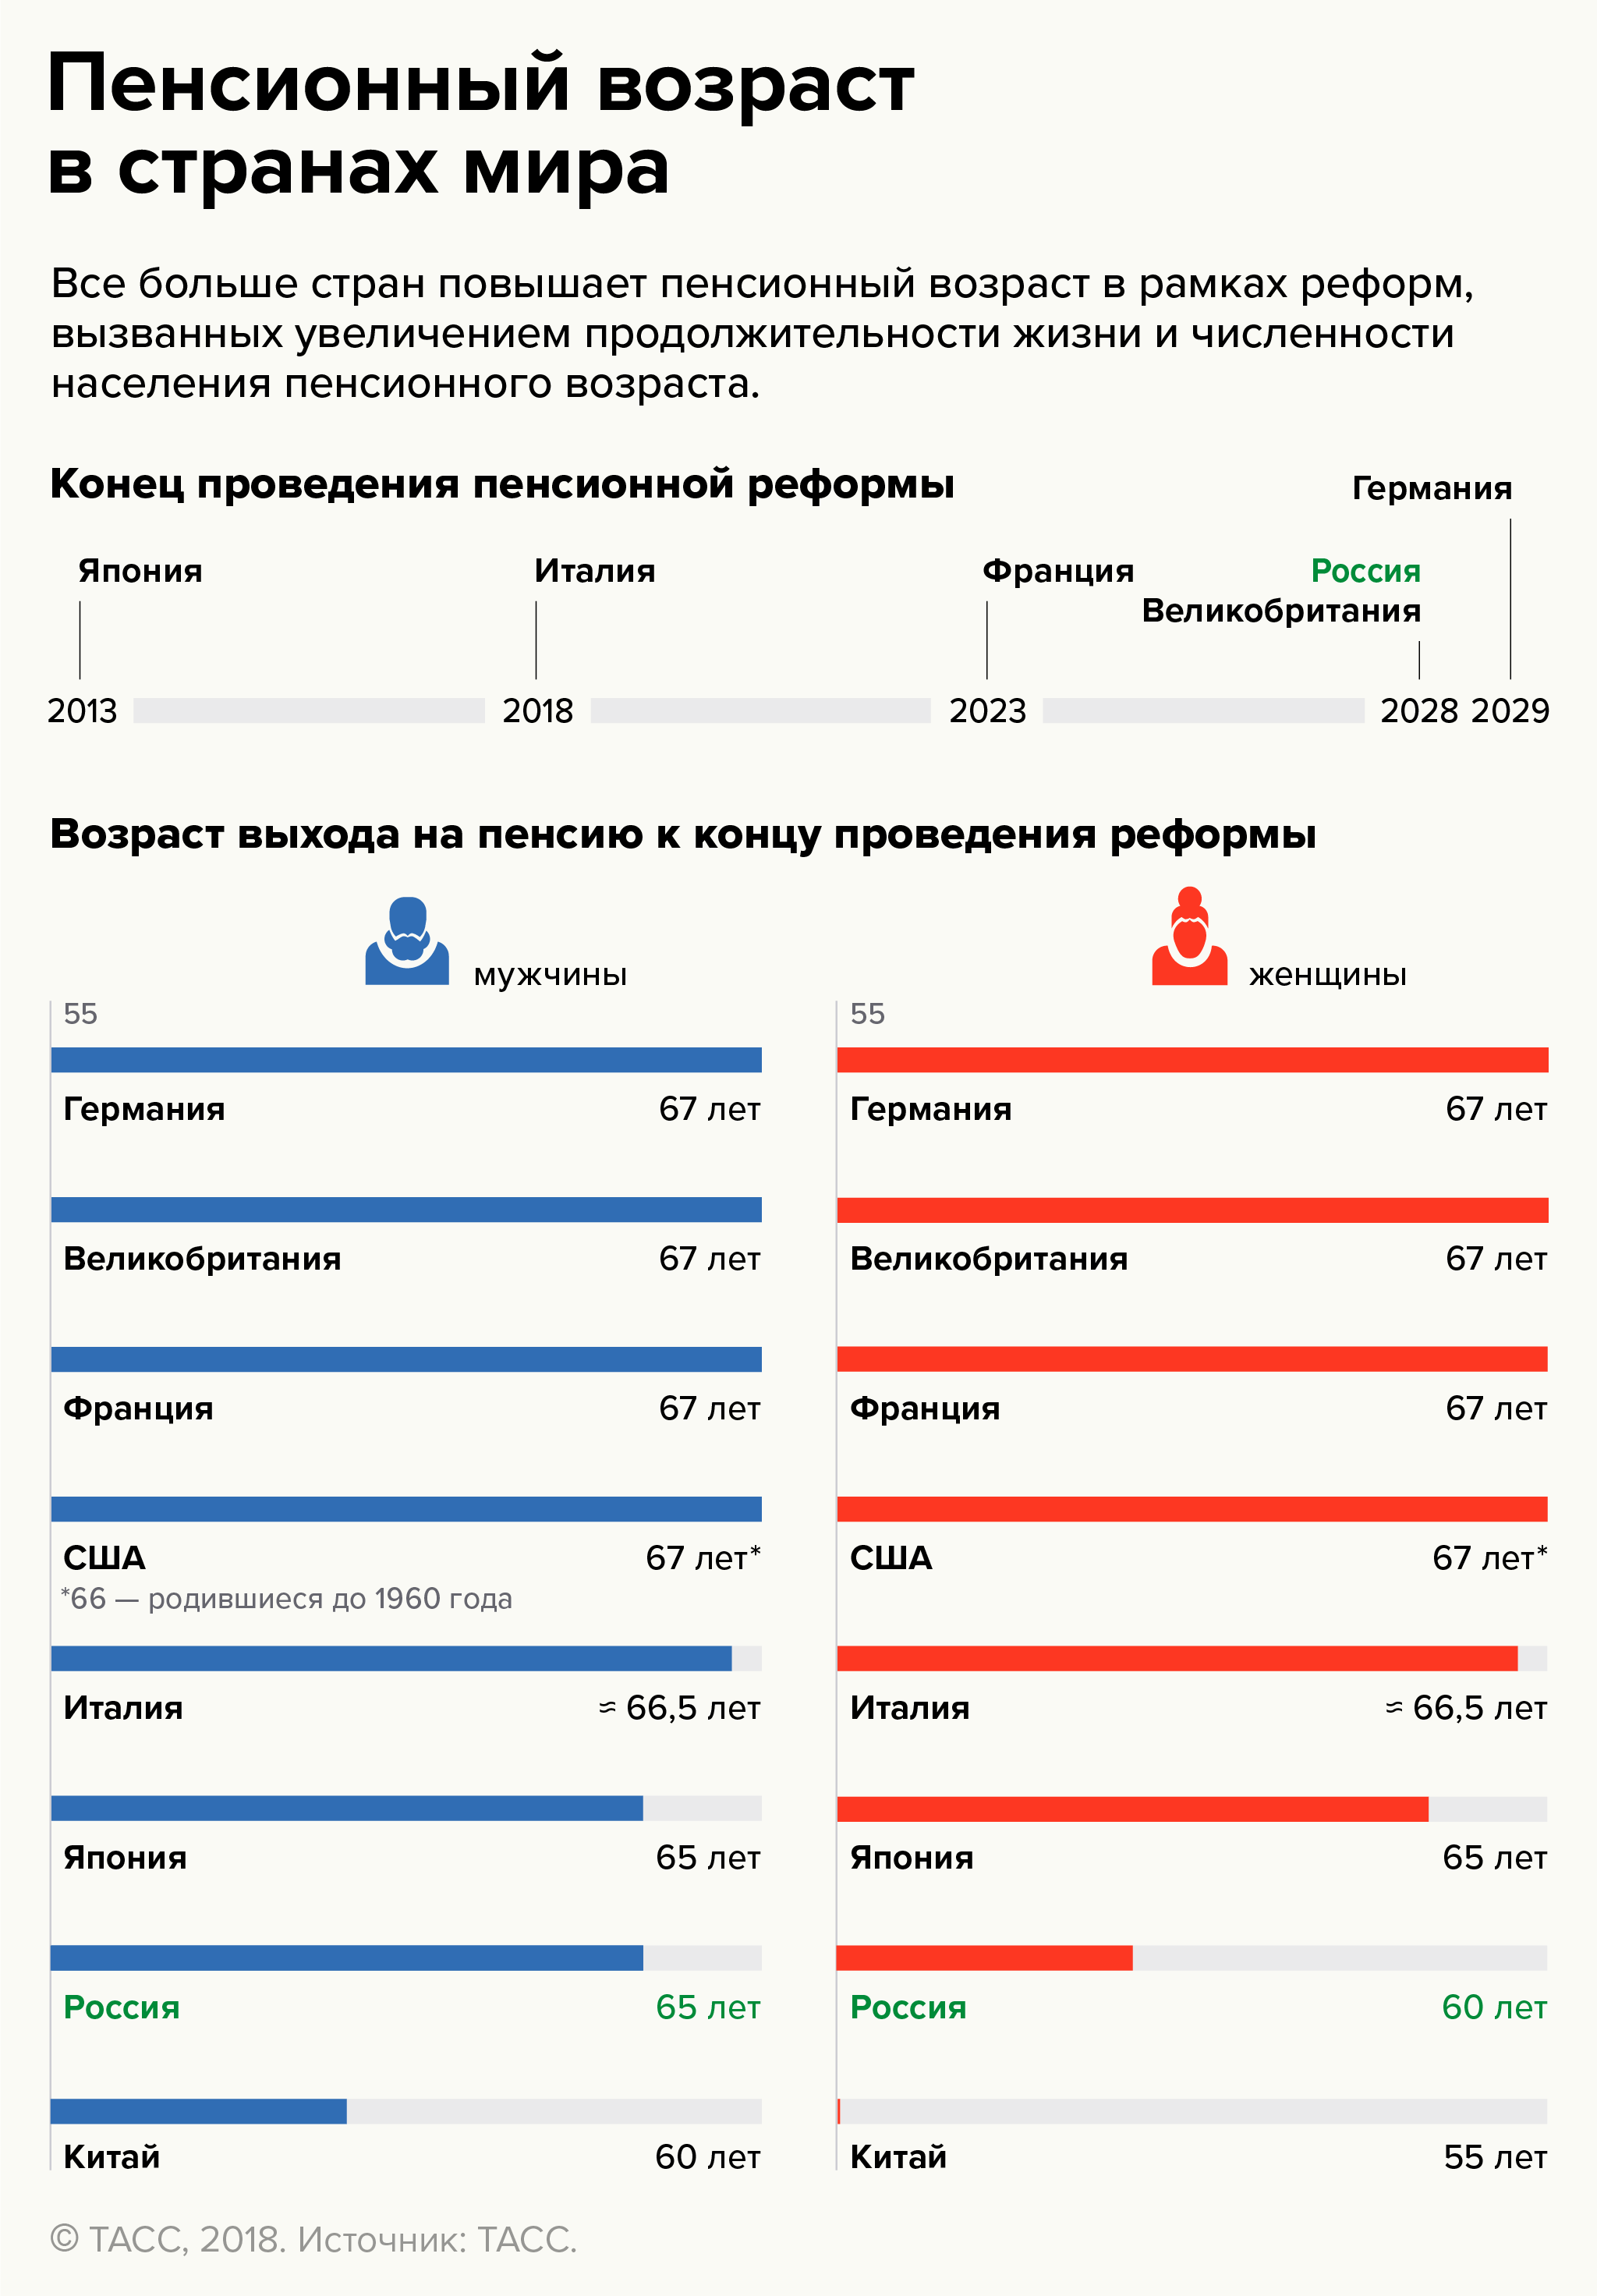 Пенсионный возраст в России и других странах мира